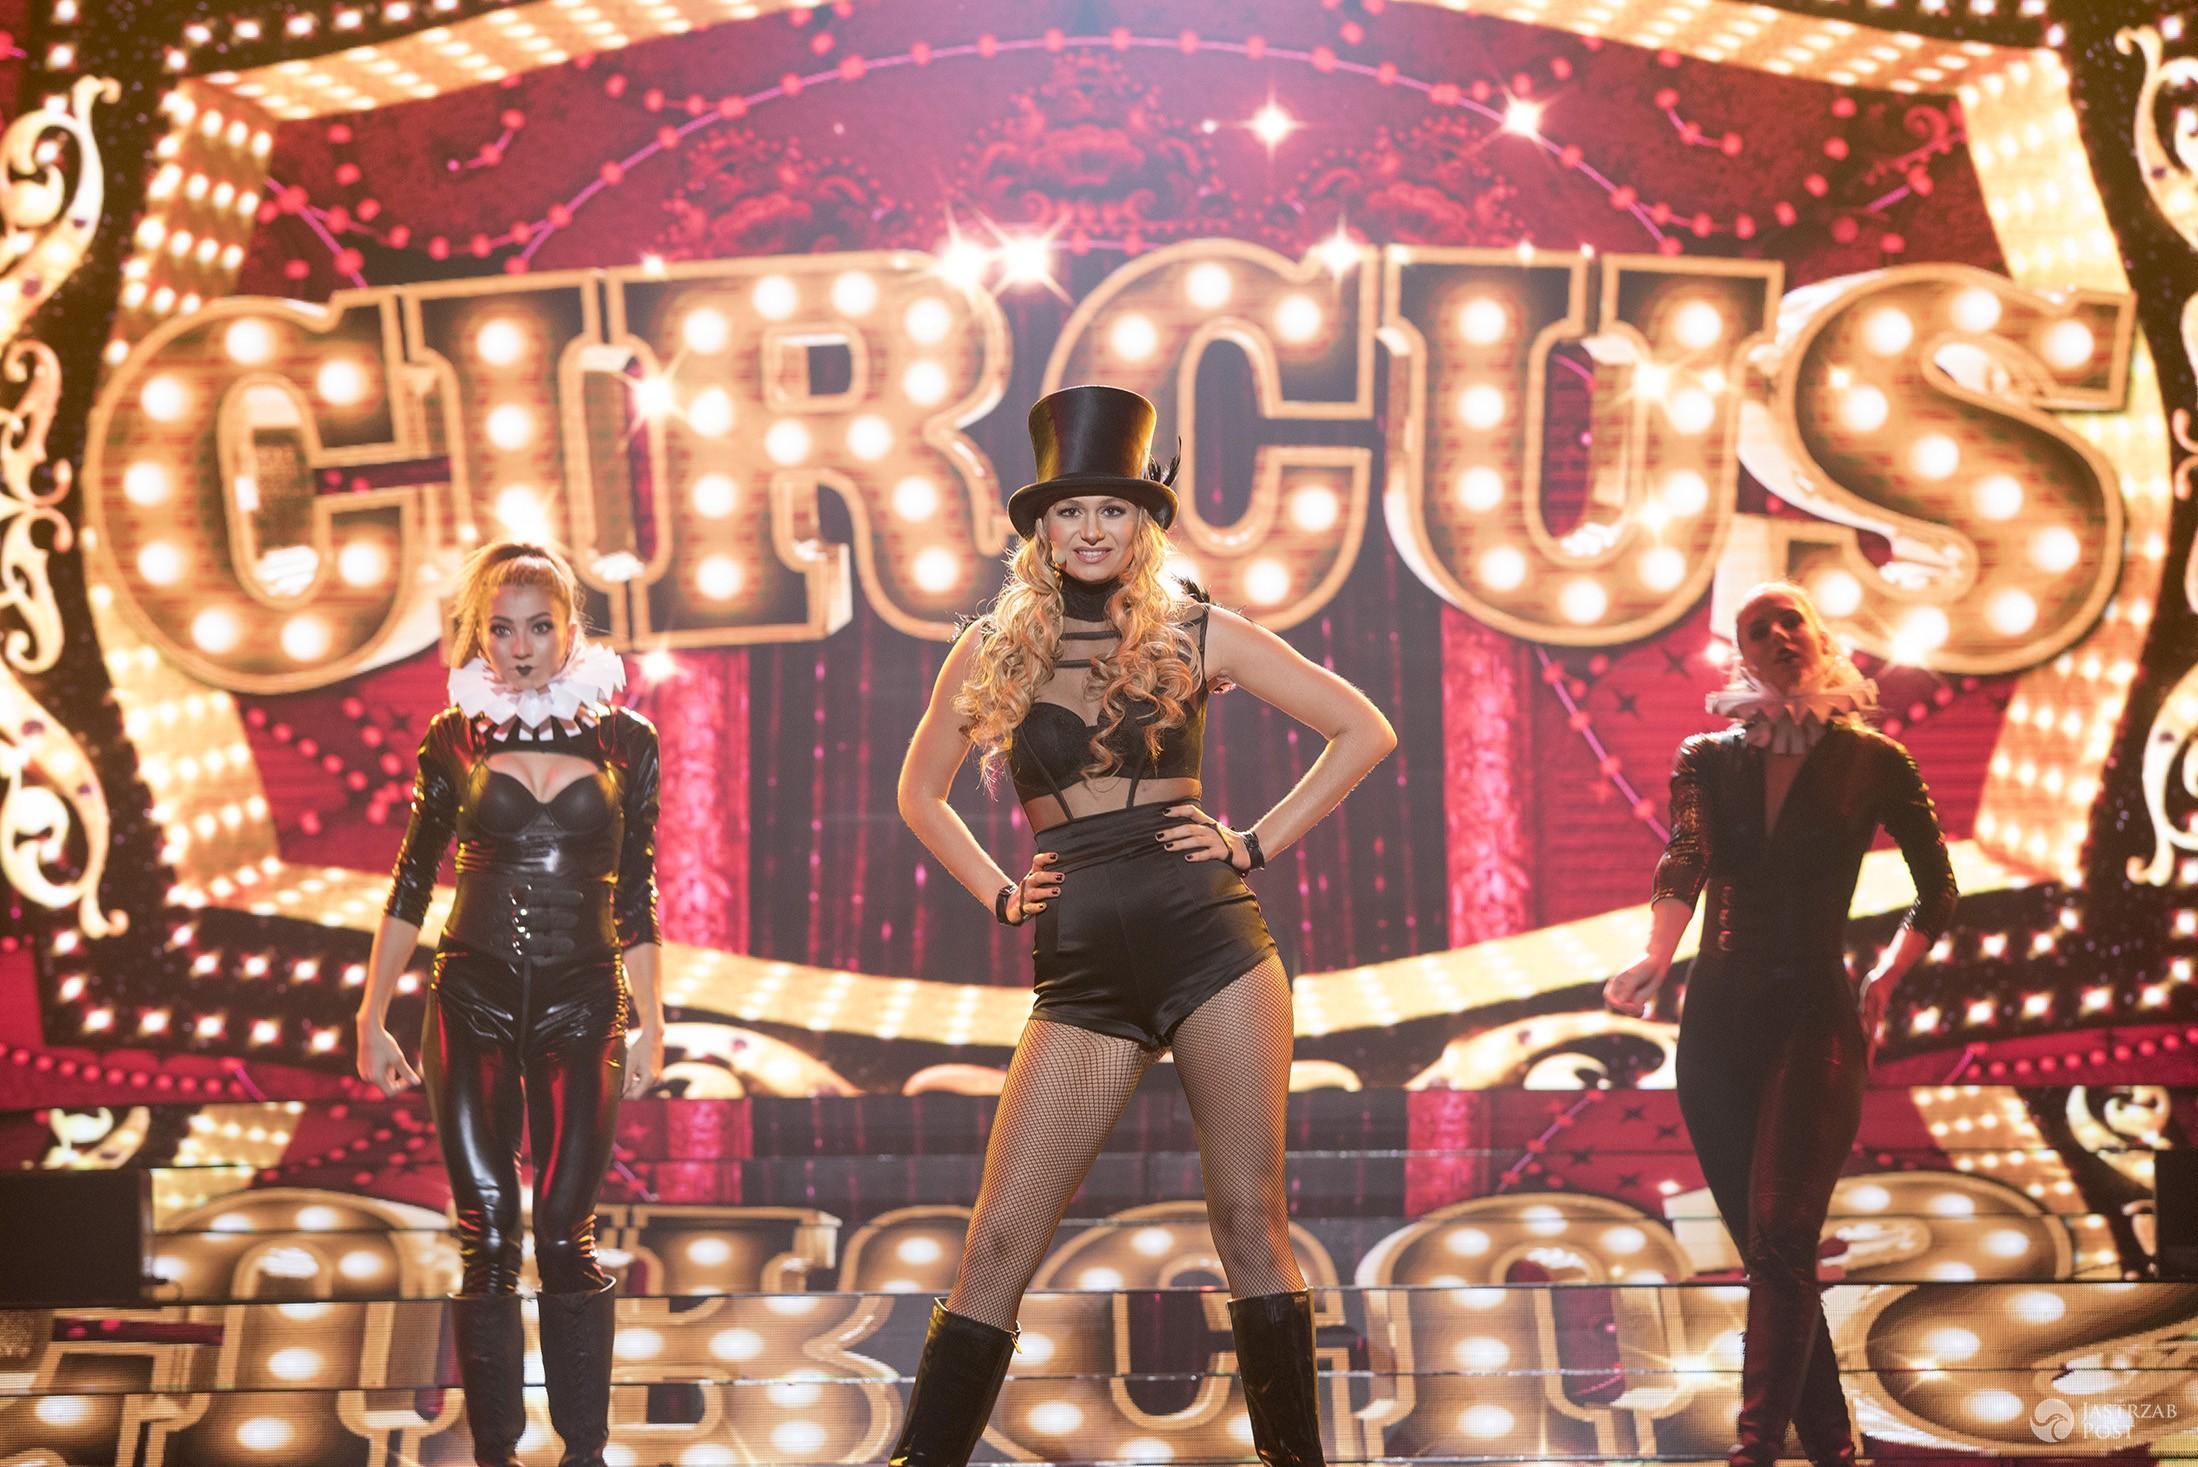 Ola Gintrowska jako Britney Spears w Twoja Twarz Brzmi Znajomo 8